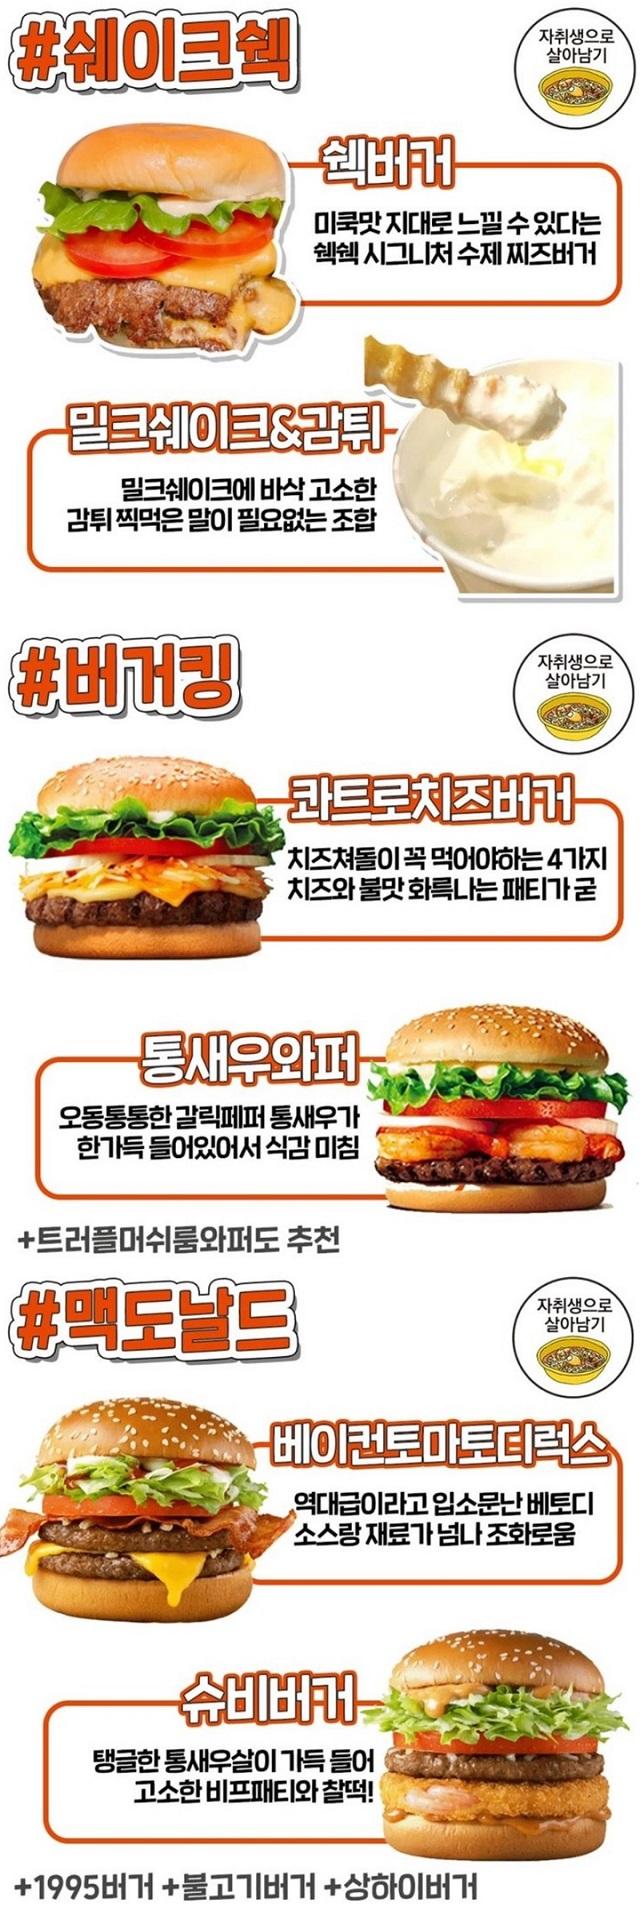 햄버거 브랜드별 잘나가는 메뉴들 쉑쉑이도 포함